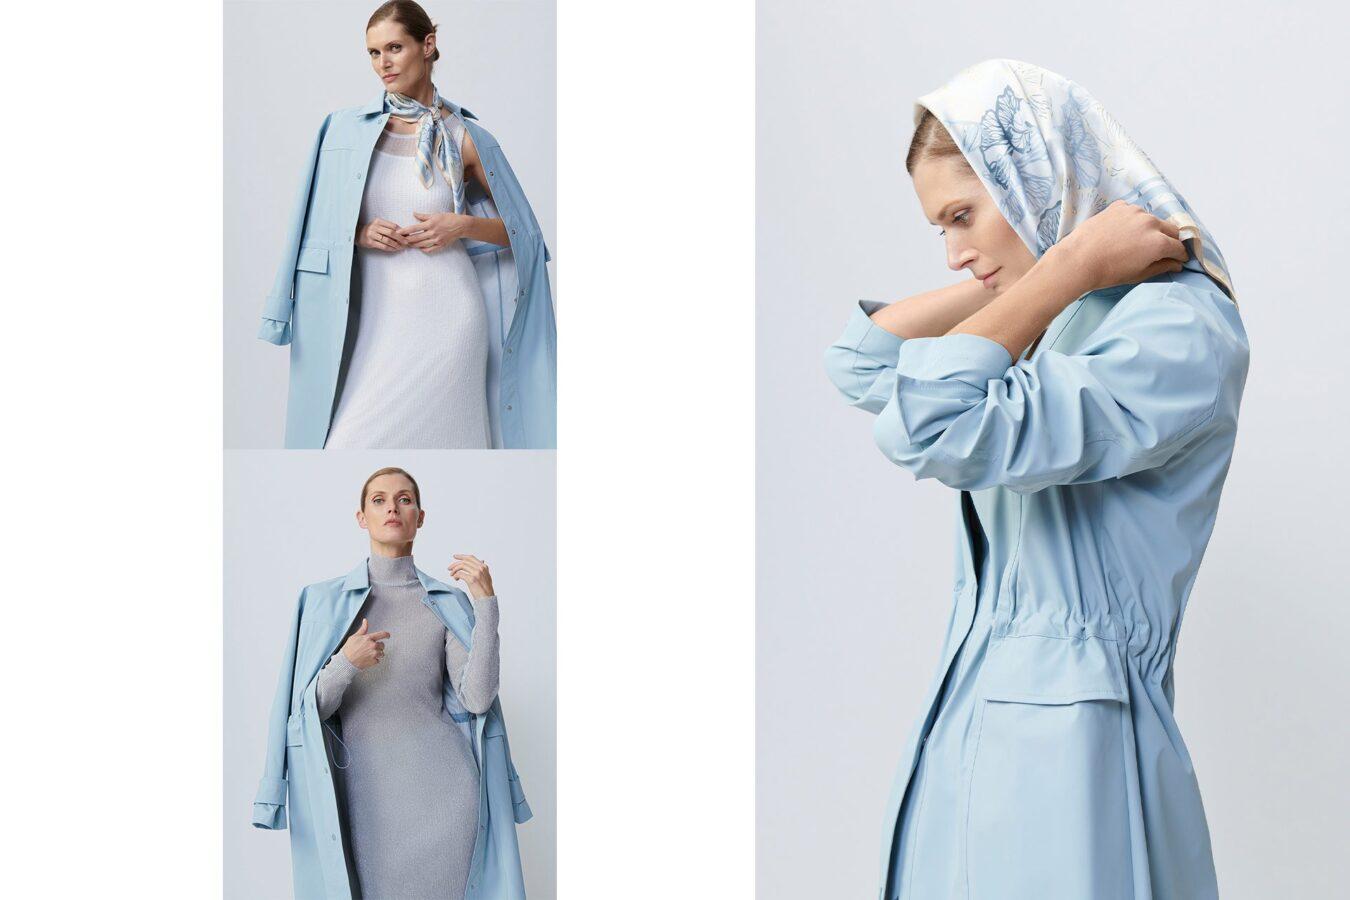 modelka w niebieskim płaszczu